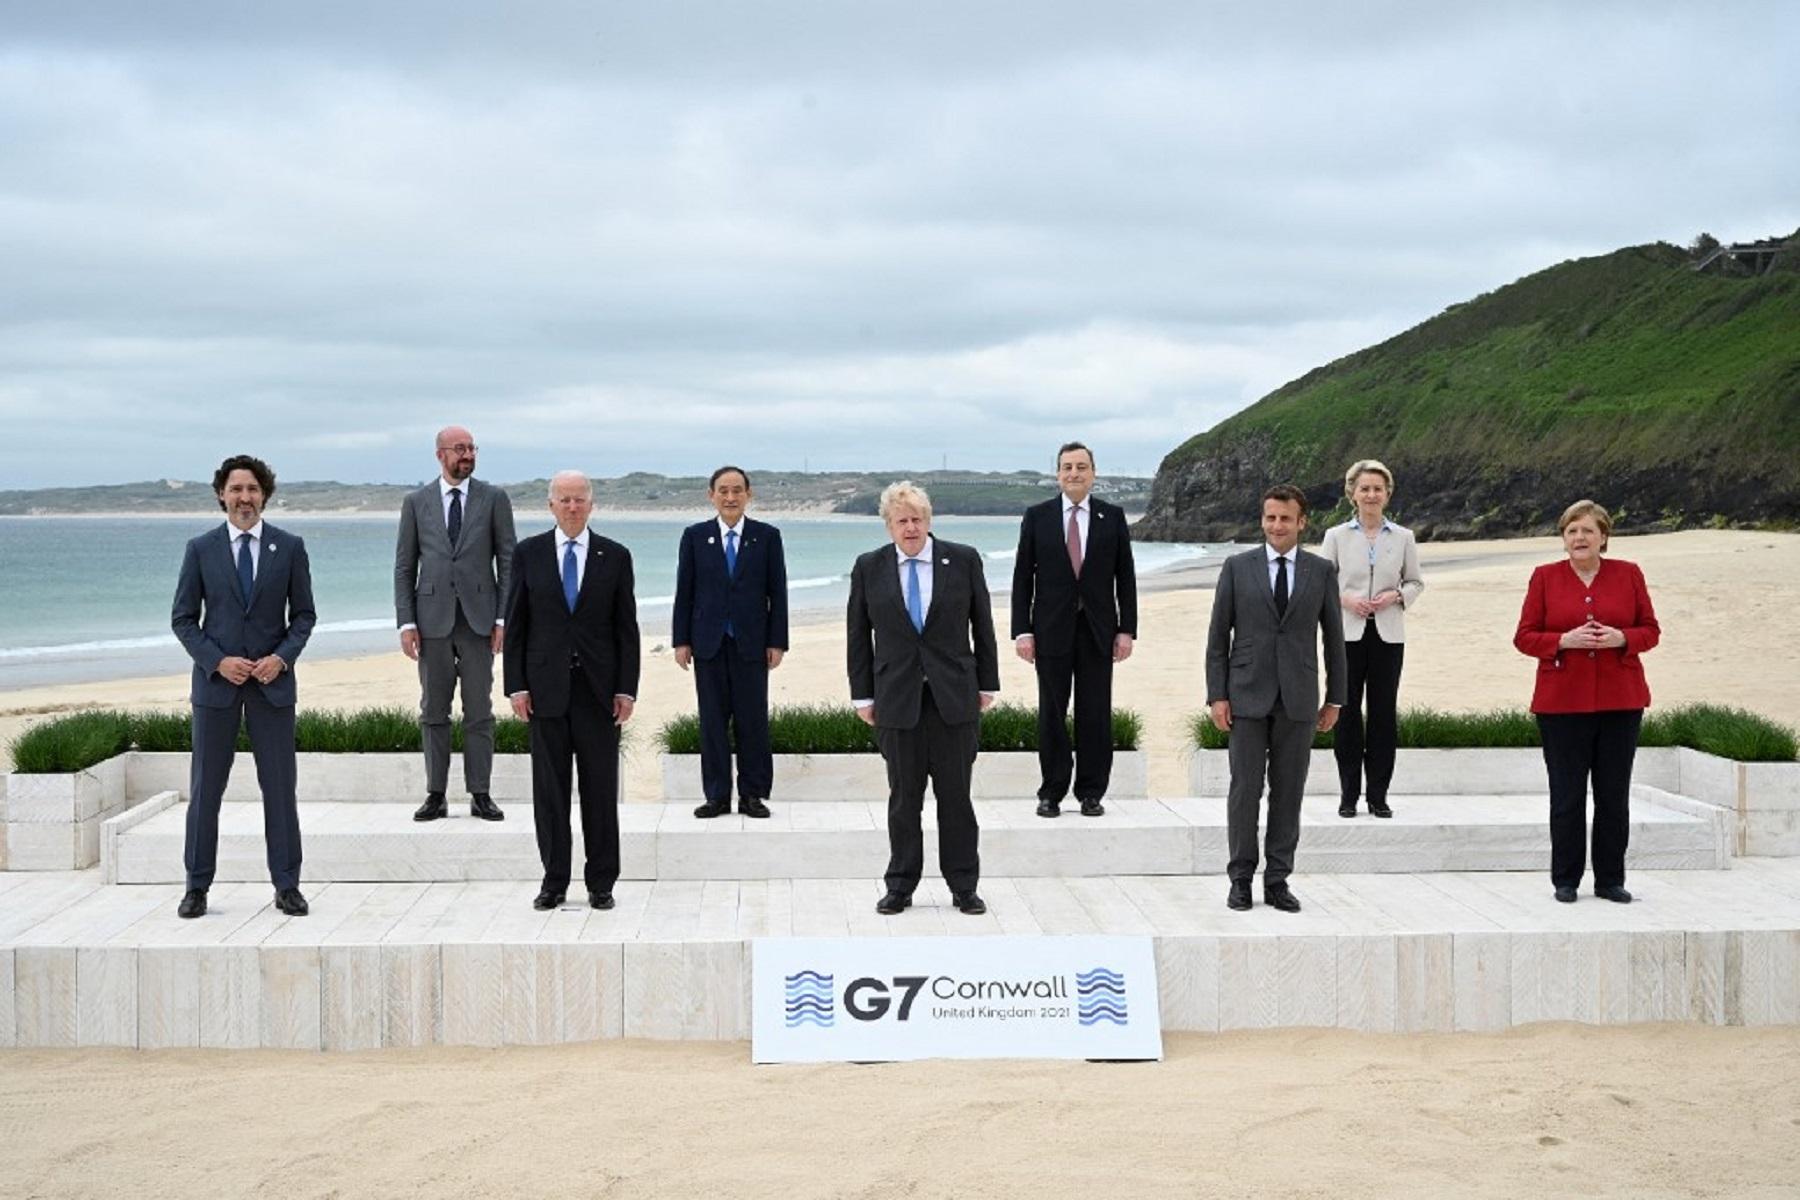 Συμμαχία ΗΠΑ-Ευρώπη: Οι ηγέτες του φόρουμ G7 περιγράφουν το σύμφωνο πανδημίας